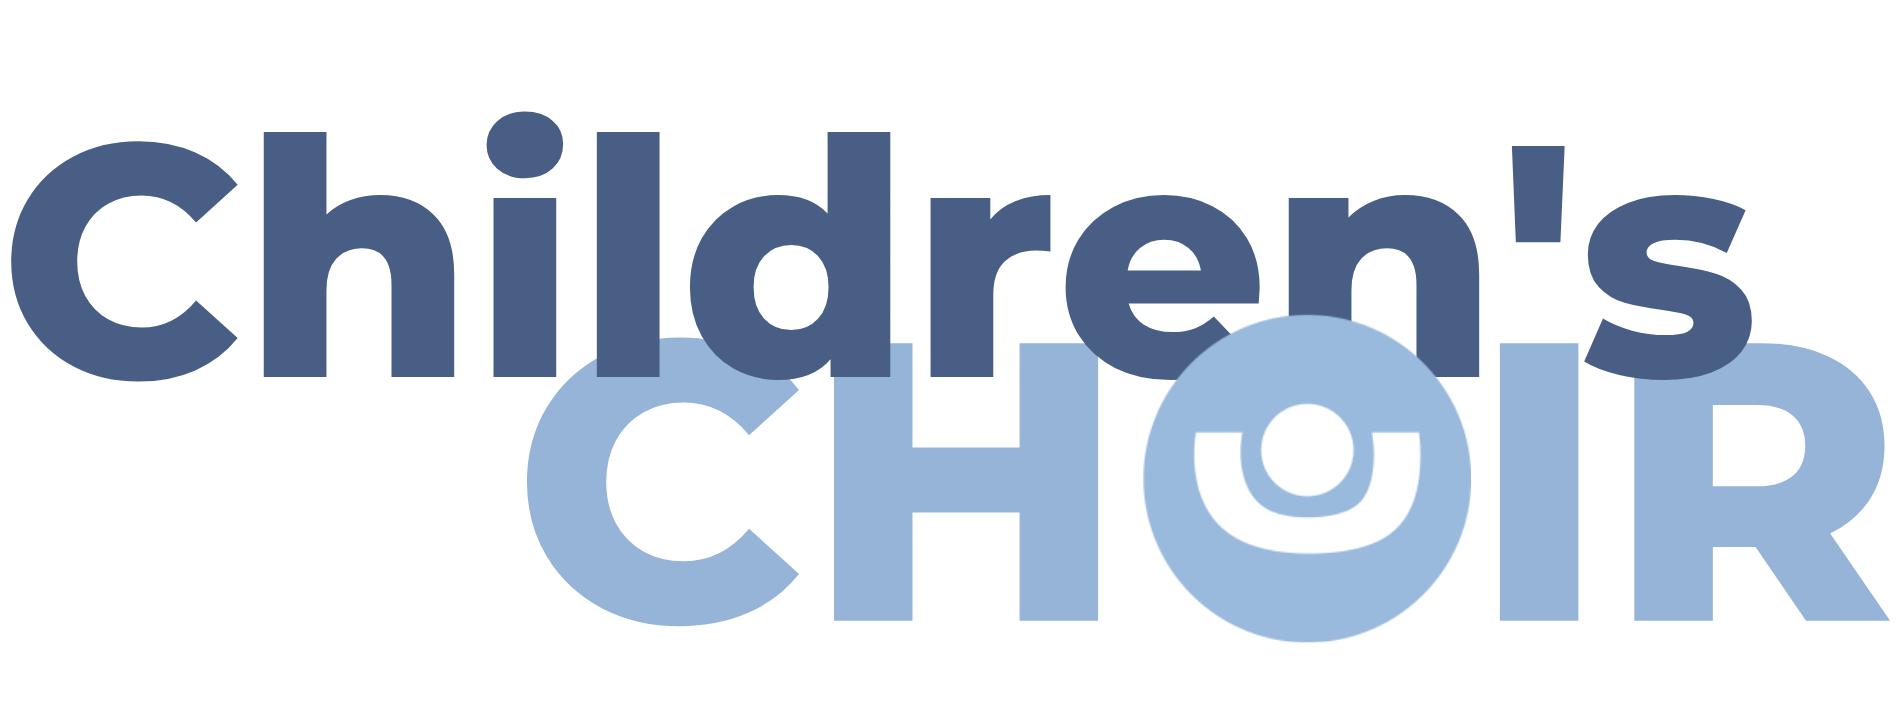 Cantilon Children's Choir